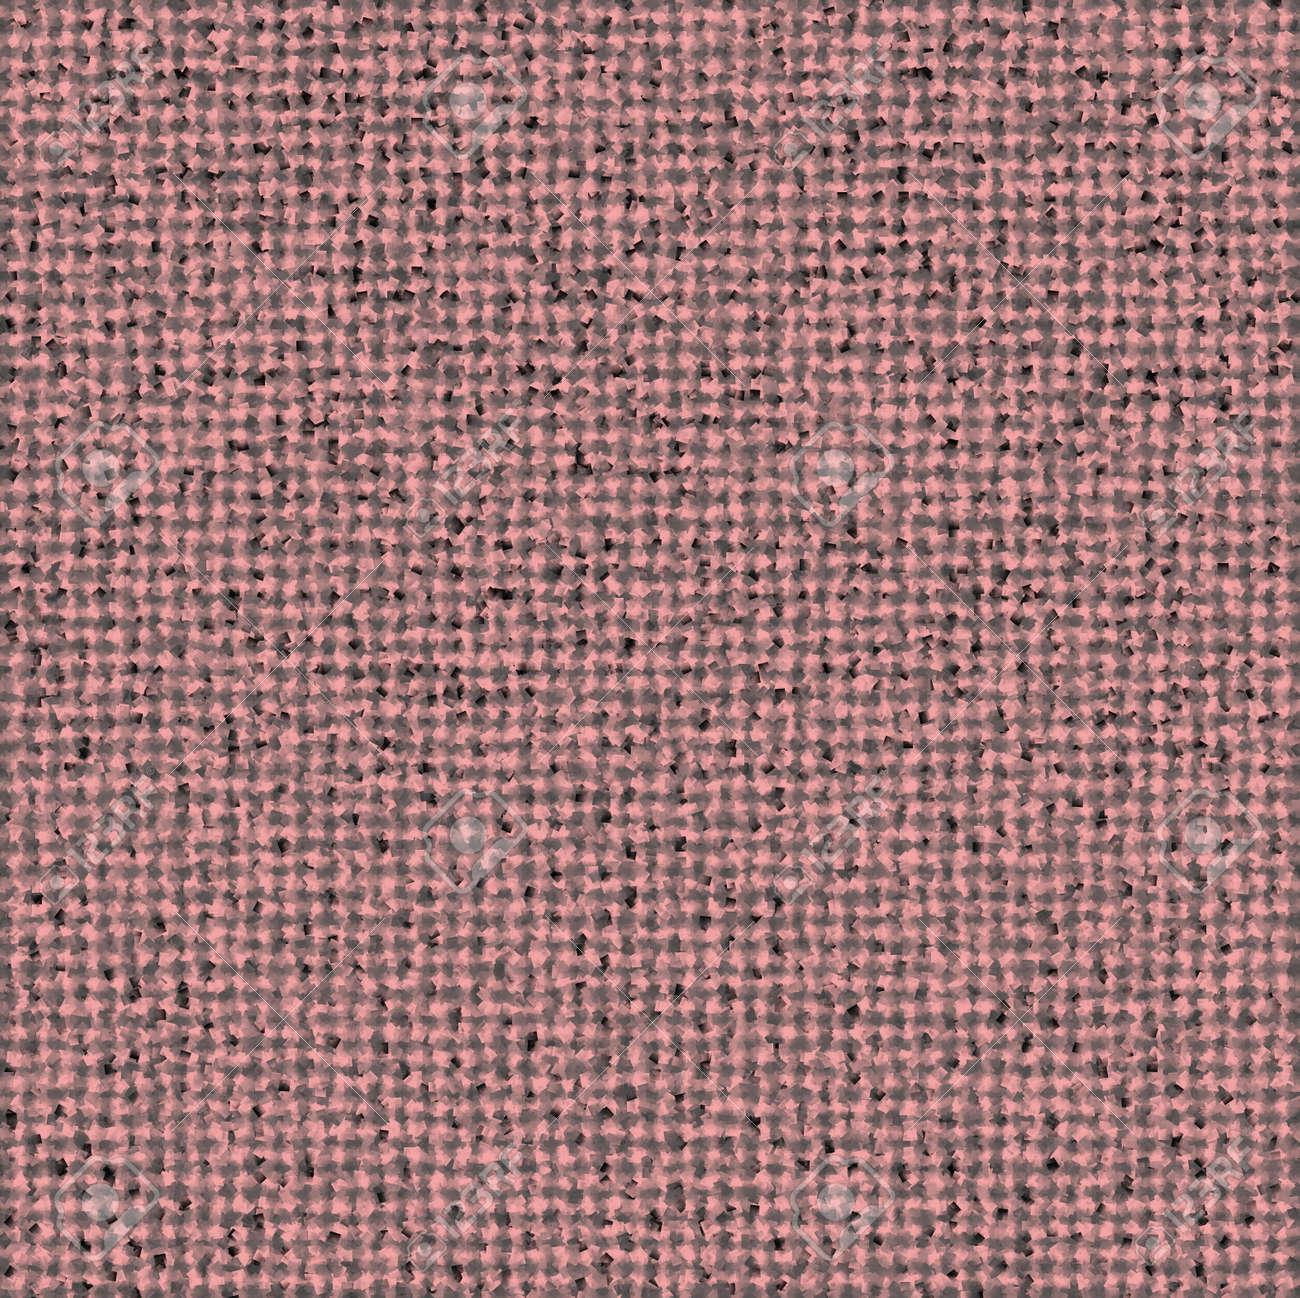 Questo Sfondo Astratto Nei Toni Del Rosa E Del Grigio è Costituito Da Forme Geometriche Trasparenti Sovrapposte Che Ricordano Piccoli Coriandoli